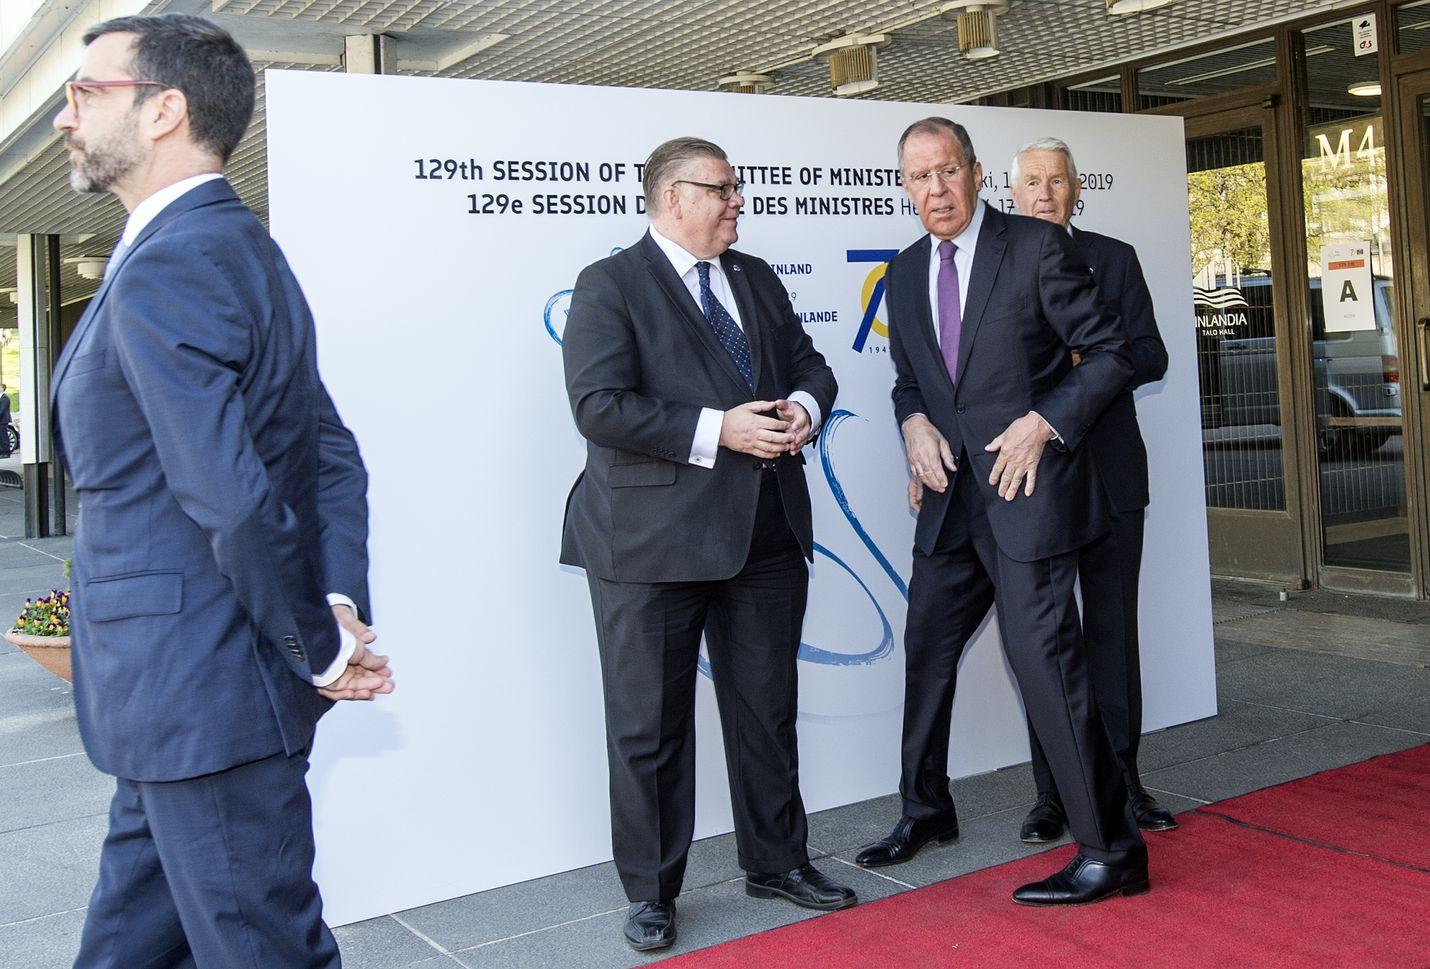 Ulkoministerit Timo Soini (sin.) Venäjän Sergei Lavrov sekä Euroopan neuvoston pääsihteeri Thorbjørn Jagland.